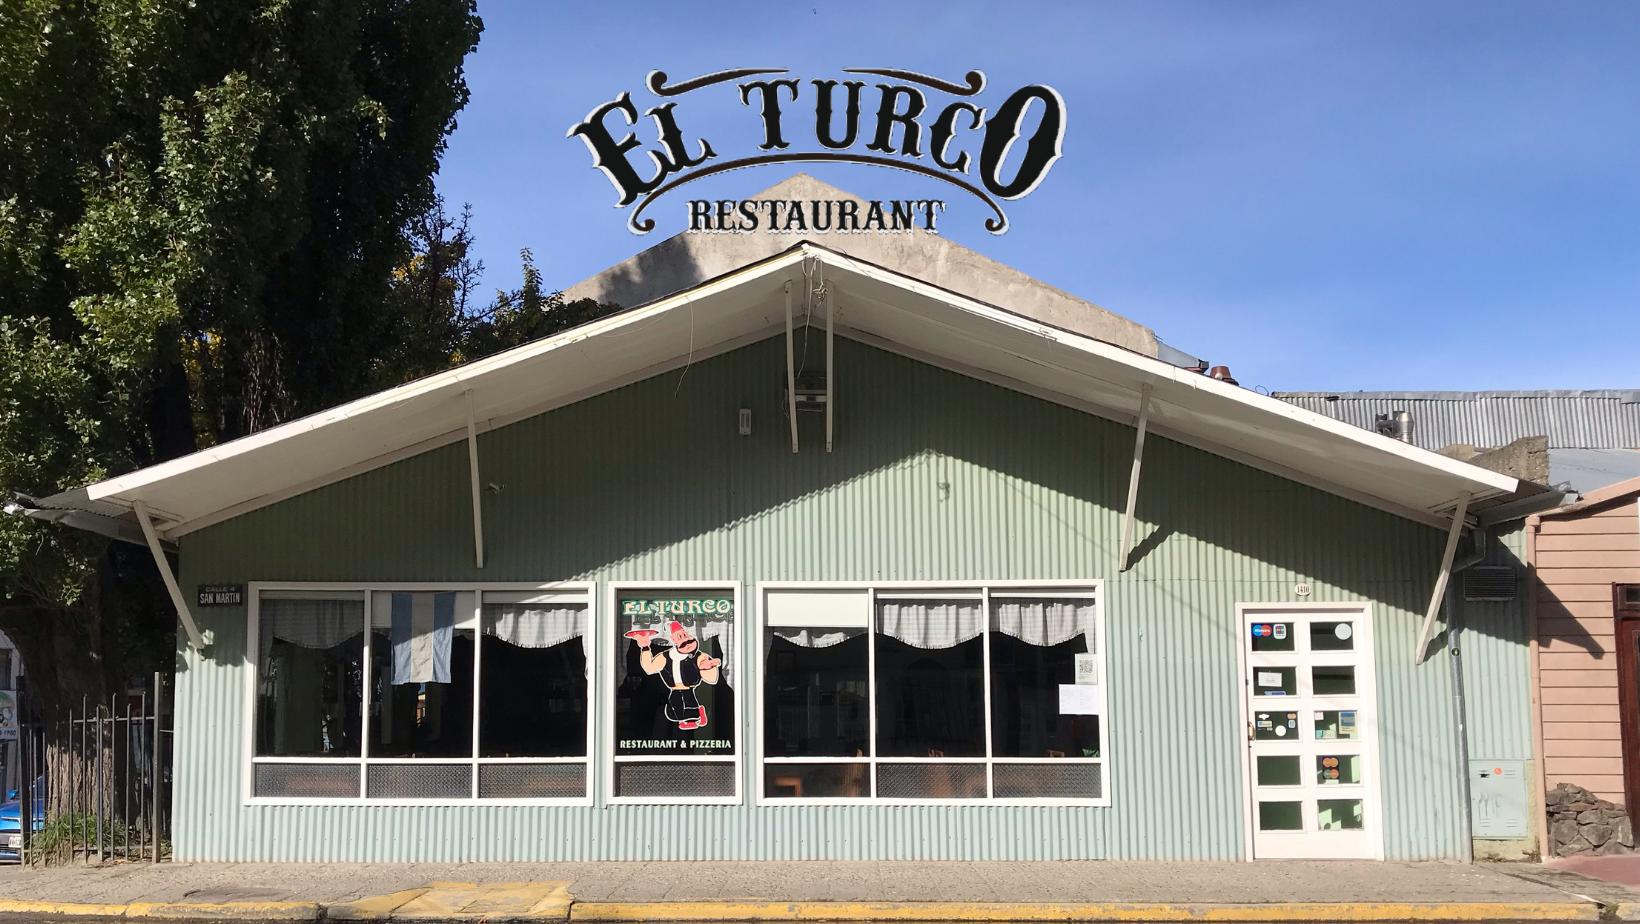 Restaurant El Turco QrCarta